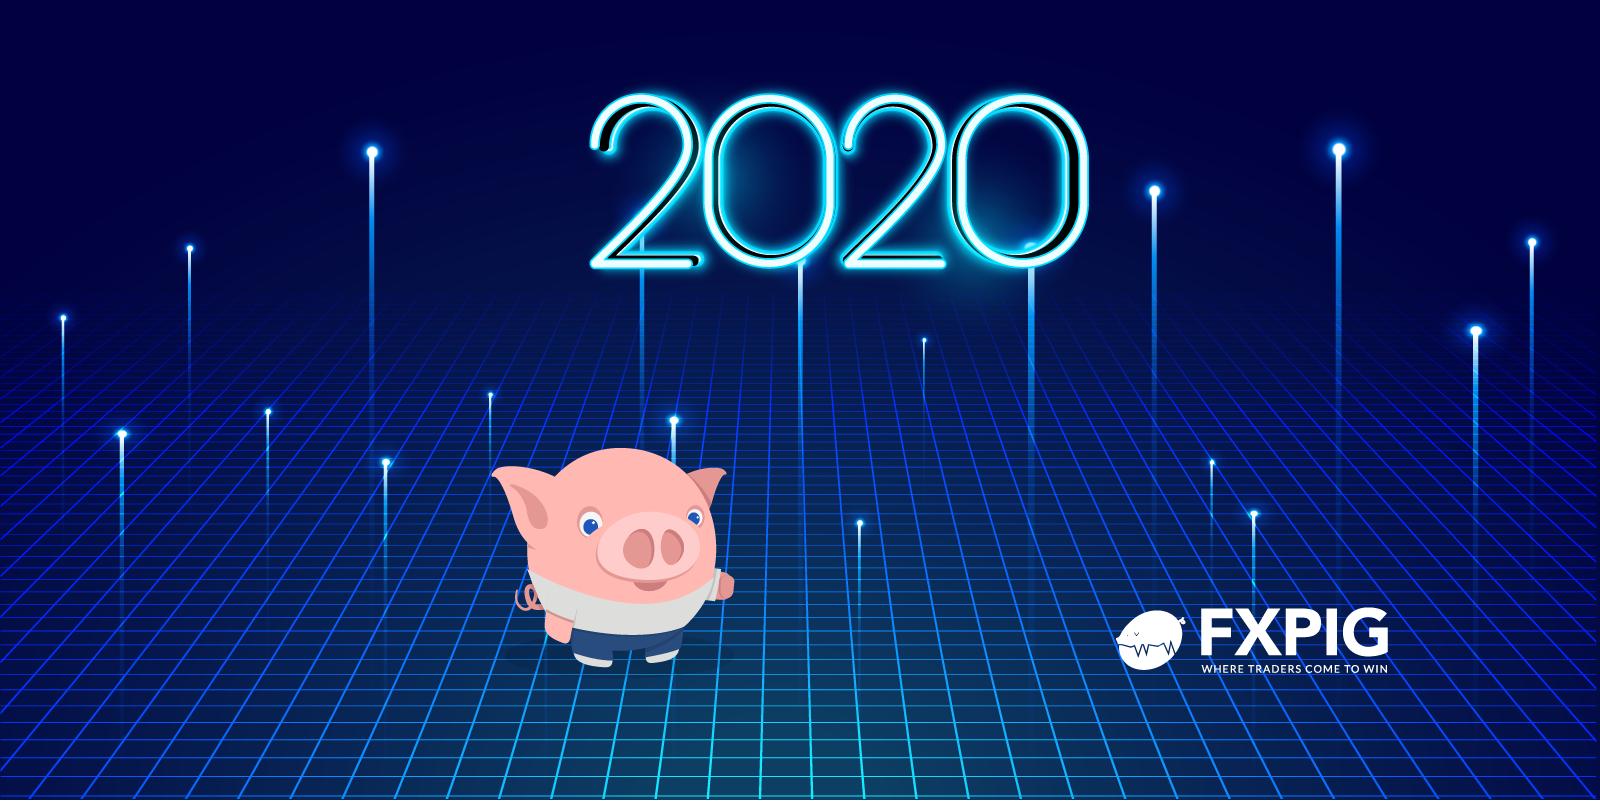 Forex_week_ahead_2020